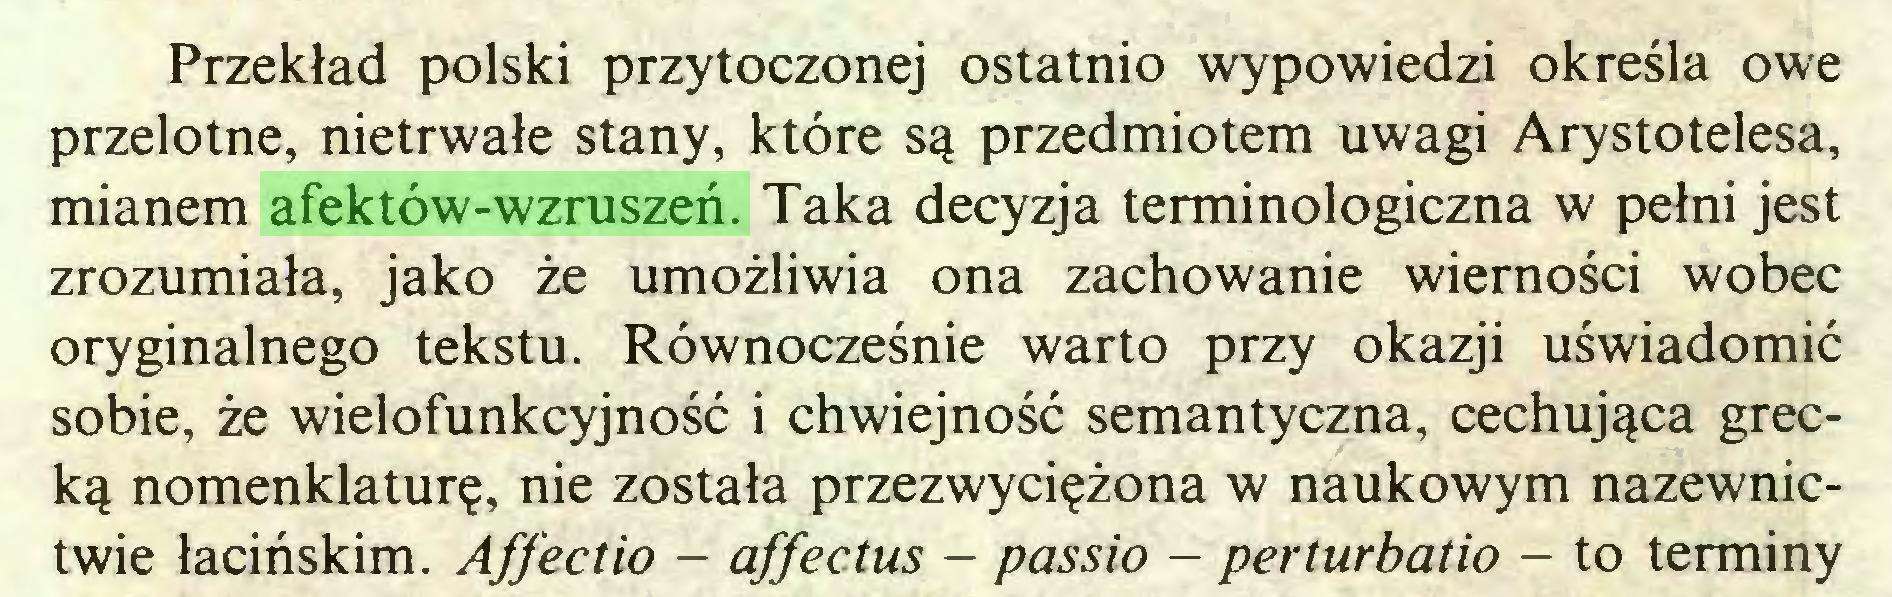 (...) Przekład polski przytoczonej ostatnio wypowiedzi określa owe przelotne, nietrwałe stany, które są przedmiotem uwagi Arystotelesa, mianem afektów-wzruszeń. Taka decyzja terminologiczna w pełni jest zrozumiała, jako że umożliwia ona zachowanie wierności wobec oryginalnego tekstu. Równocześnie warto przy okazji uświadomić sobie, że wielofunkcyjność i chwiejność semantyczna, cechująca grecką nomenklaturę, nie została przezwyciężona w naukowym nazewnictwie łacińskim. Affectio - affectus - passio - perturbatio - to terminy...